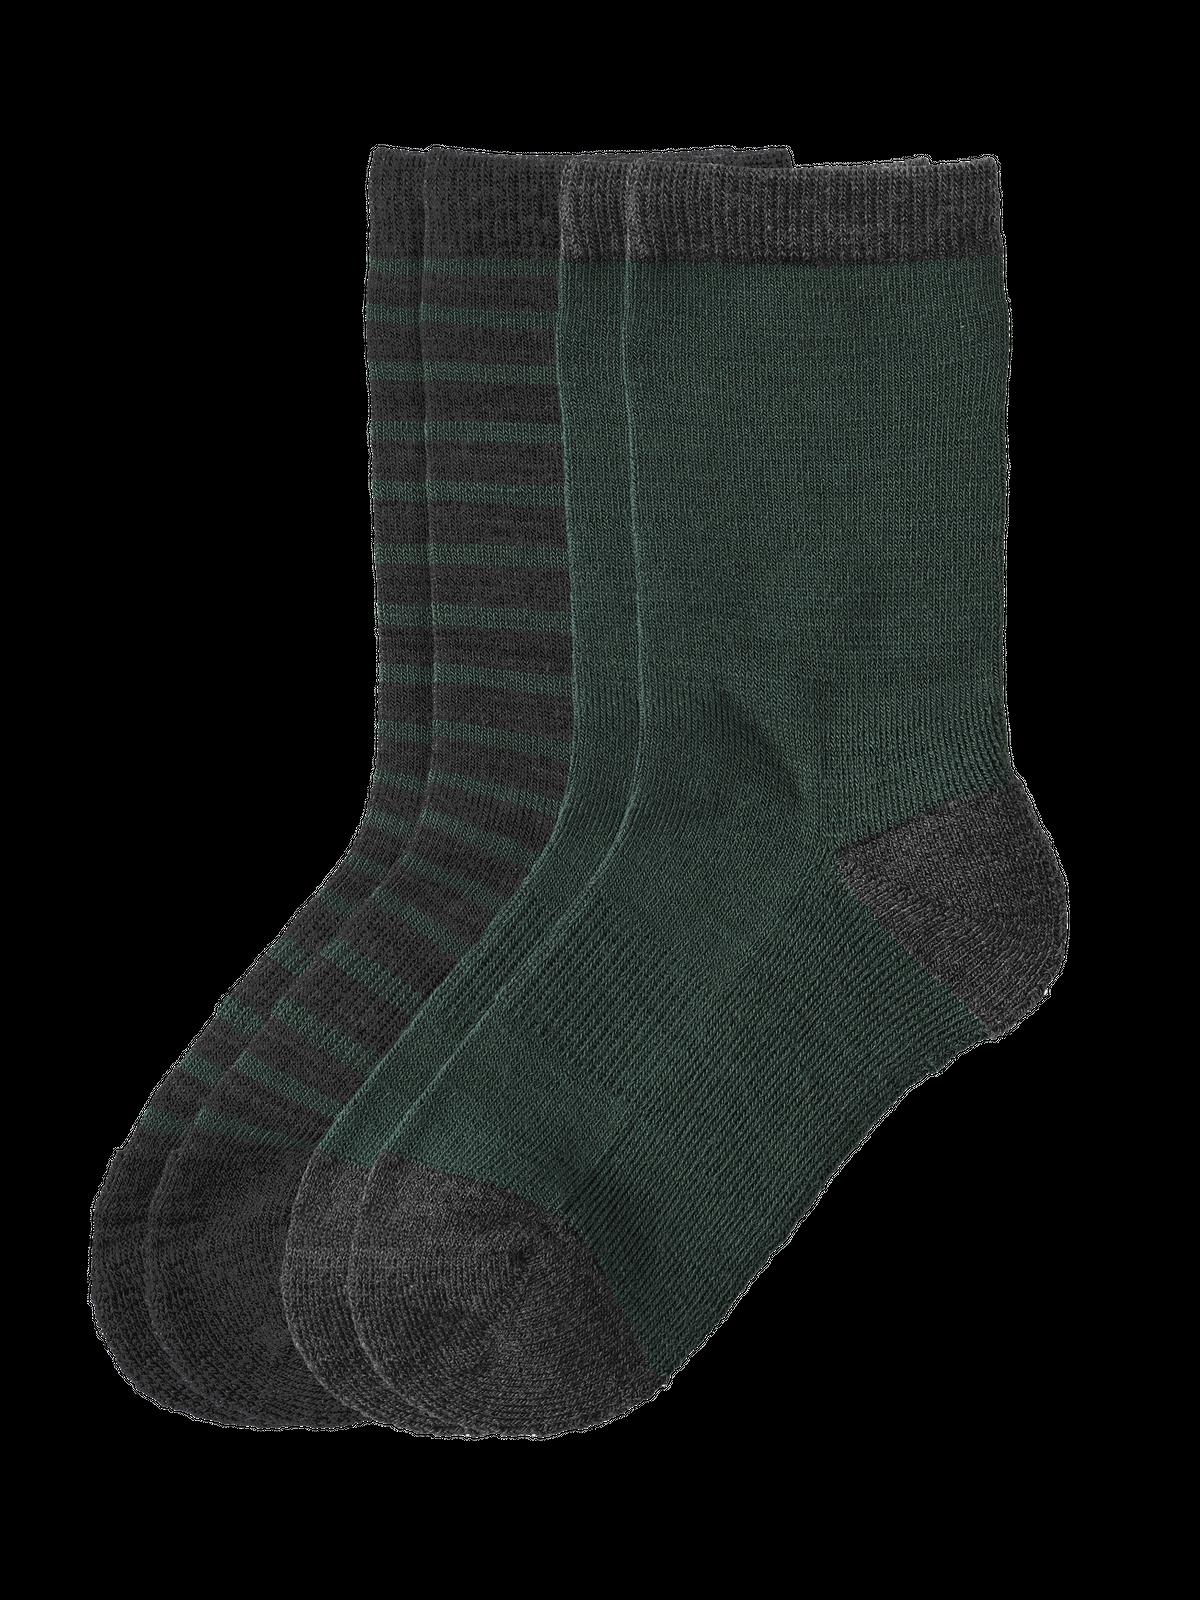 Wool Sock Kids 2-p Grön